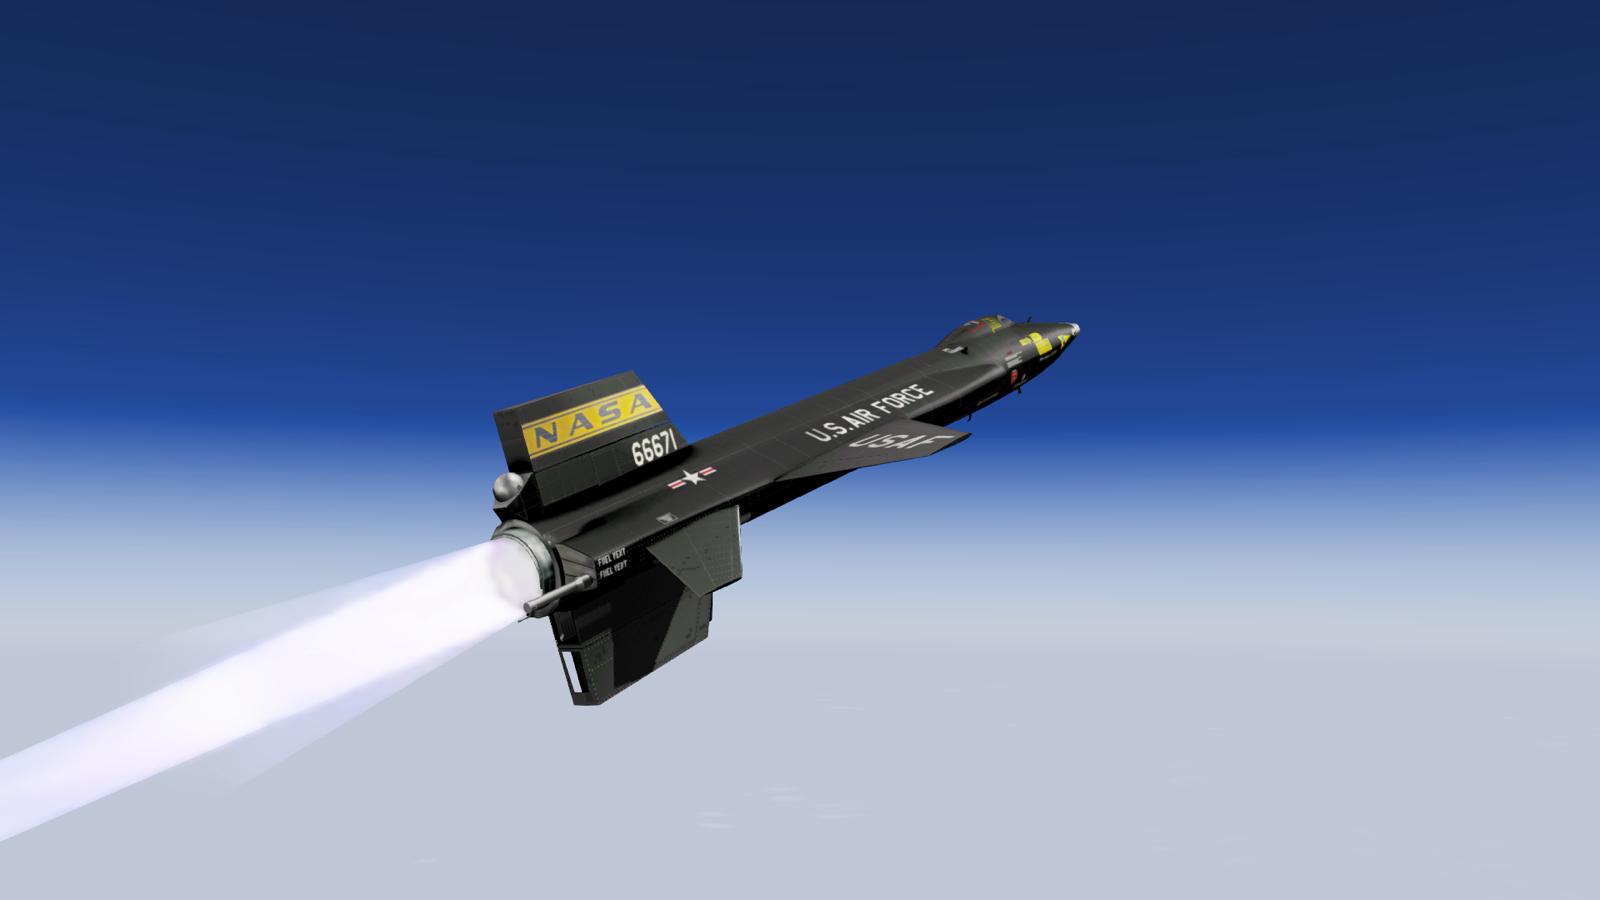 Х-15 - опытно-экспериментальный самолет, способный разгоняться до 7273 км/ч